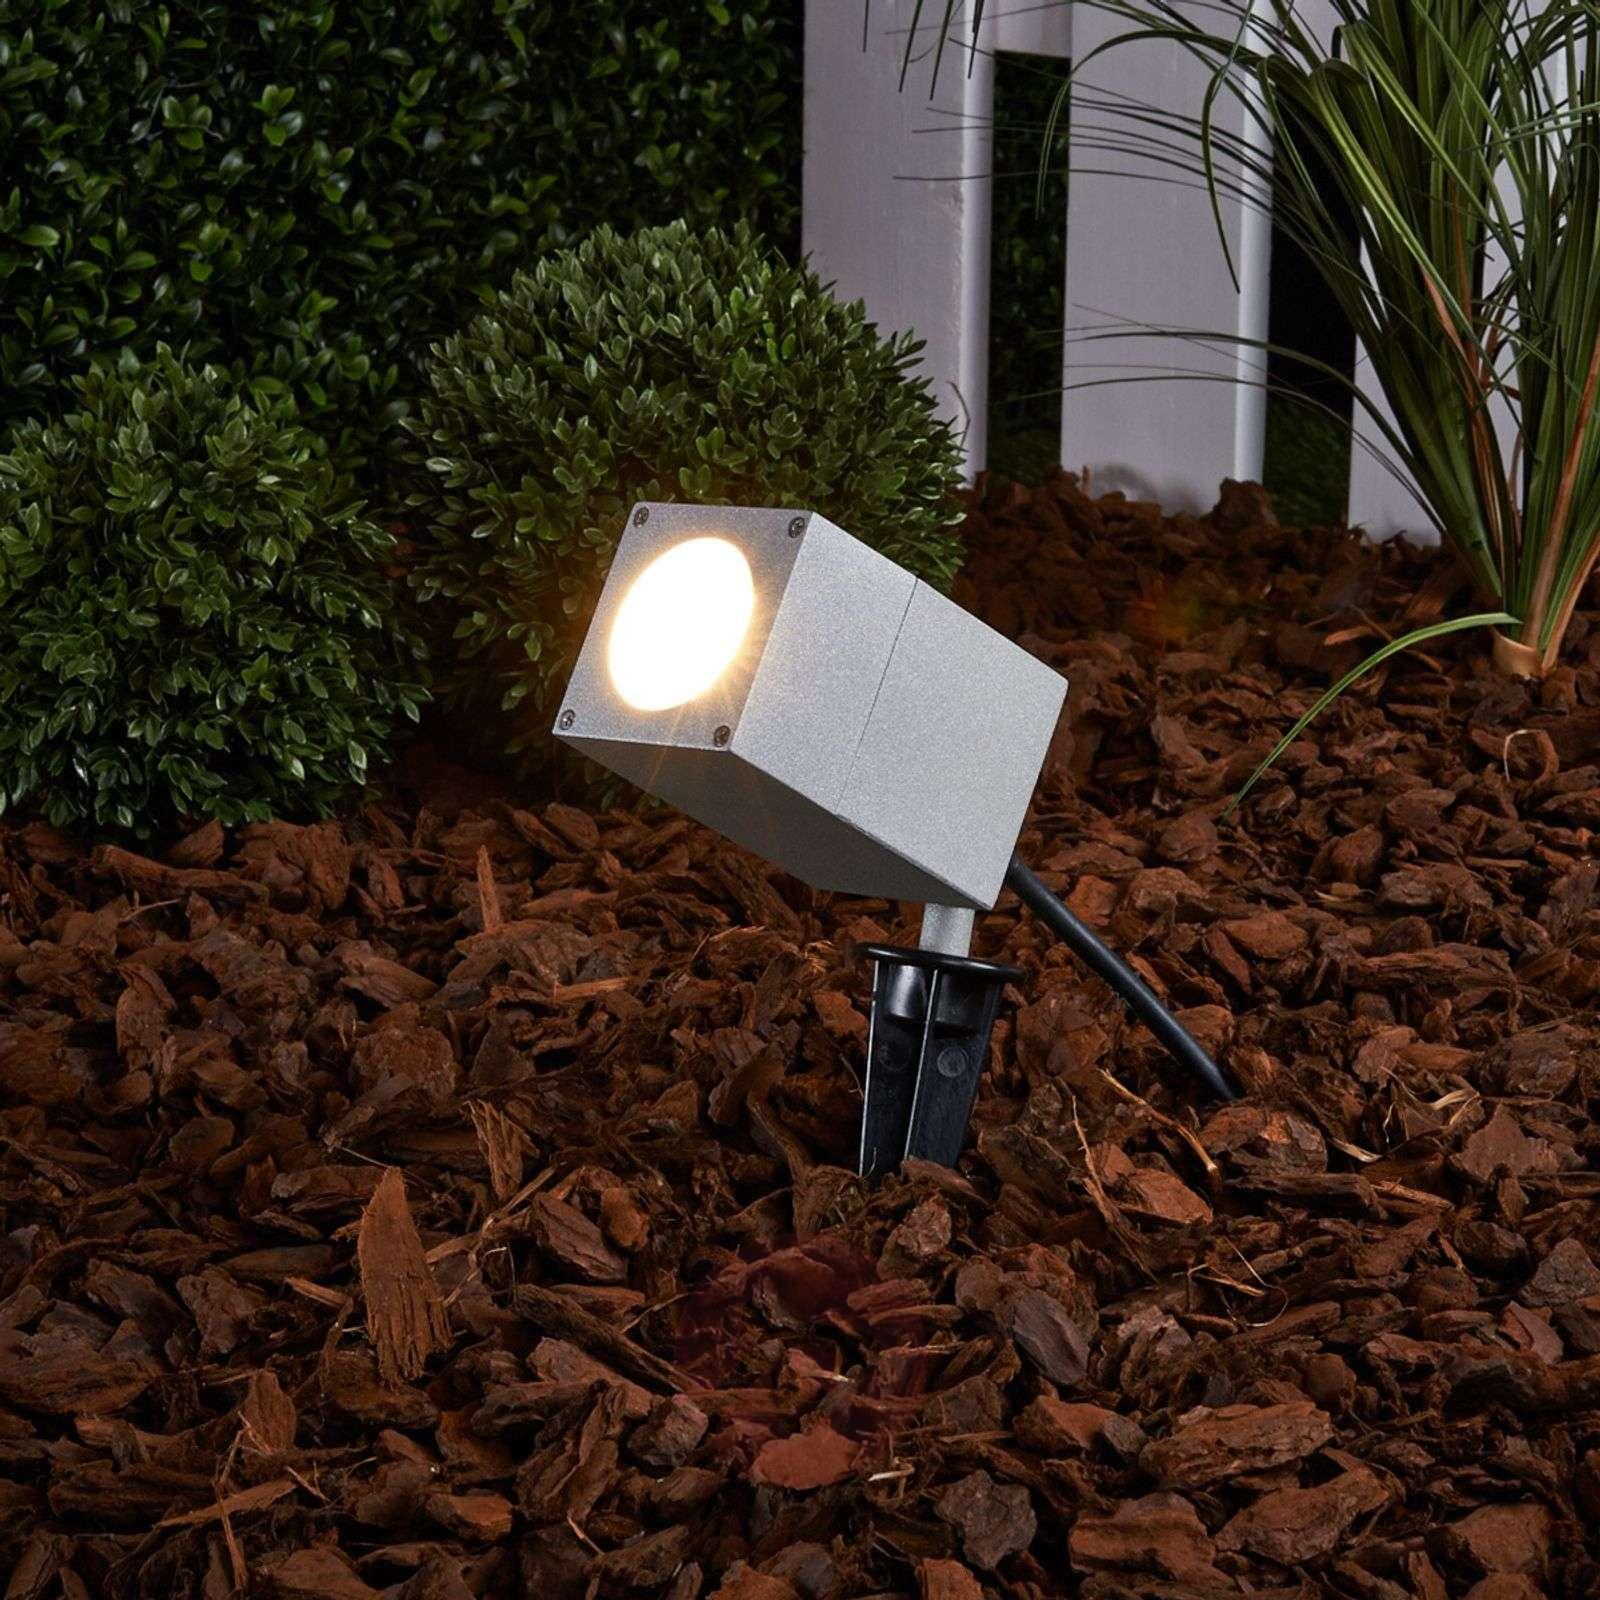 Best Of In Ground Landscape Lighting Fixtures